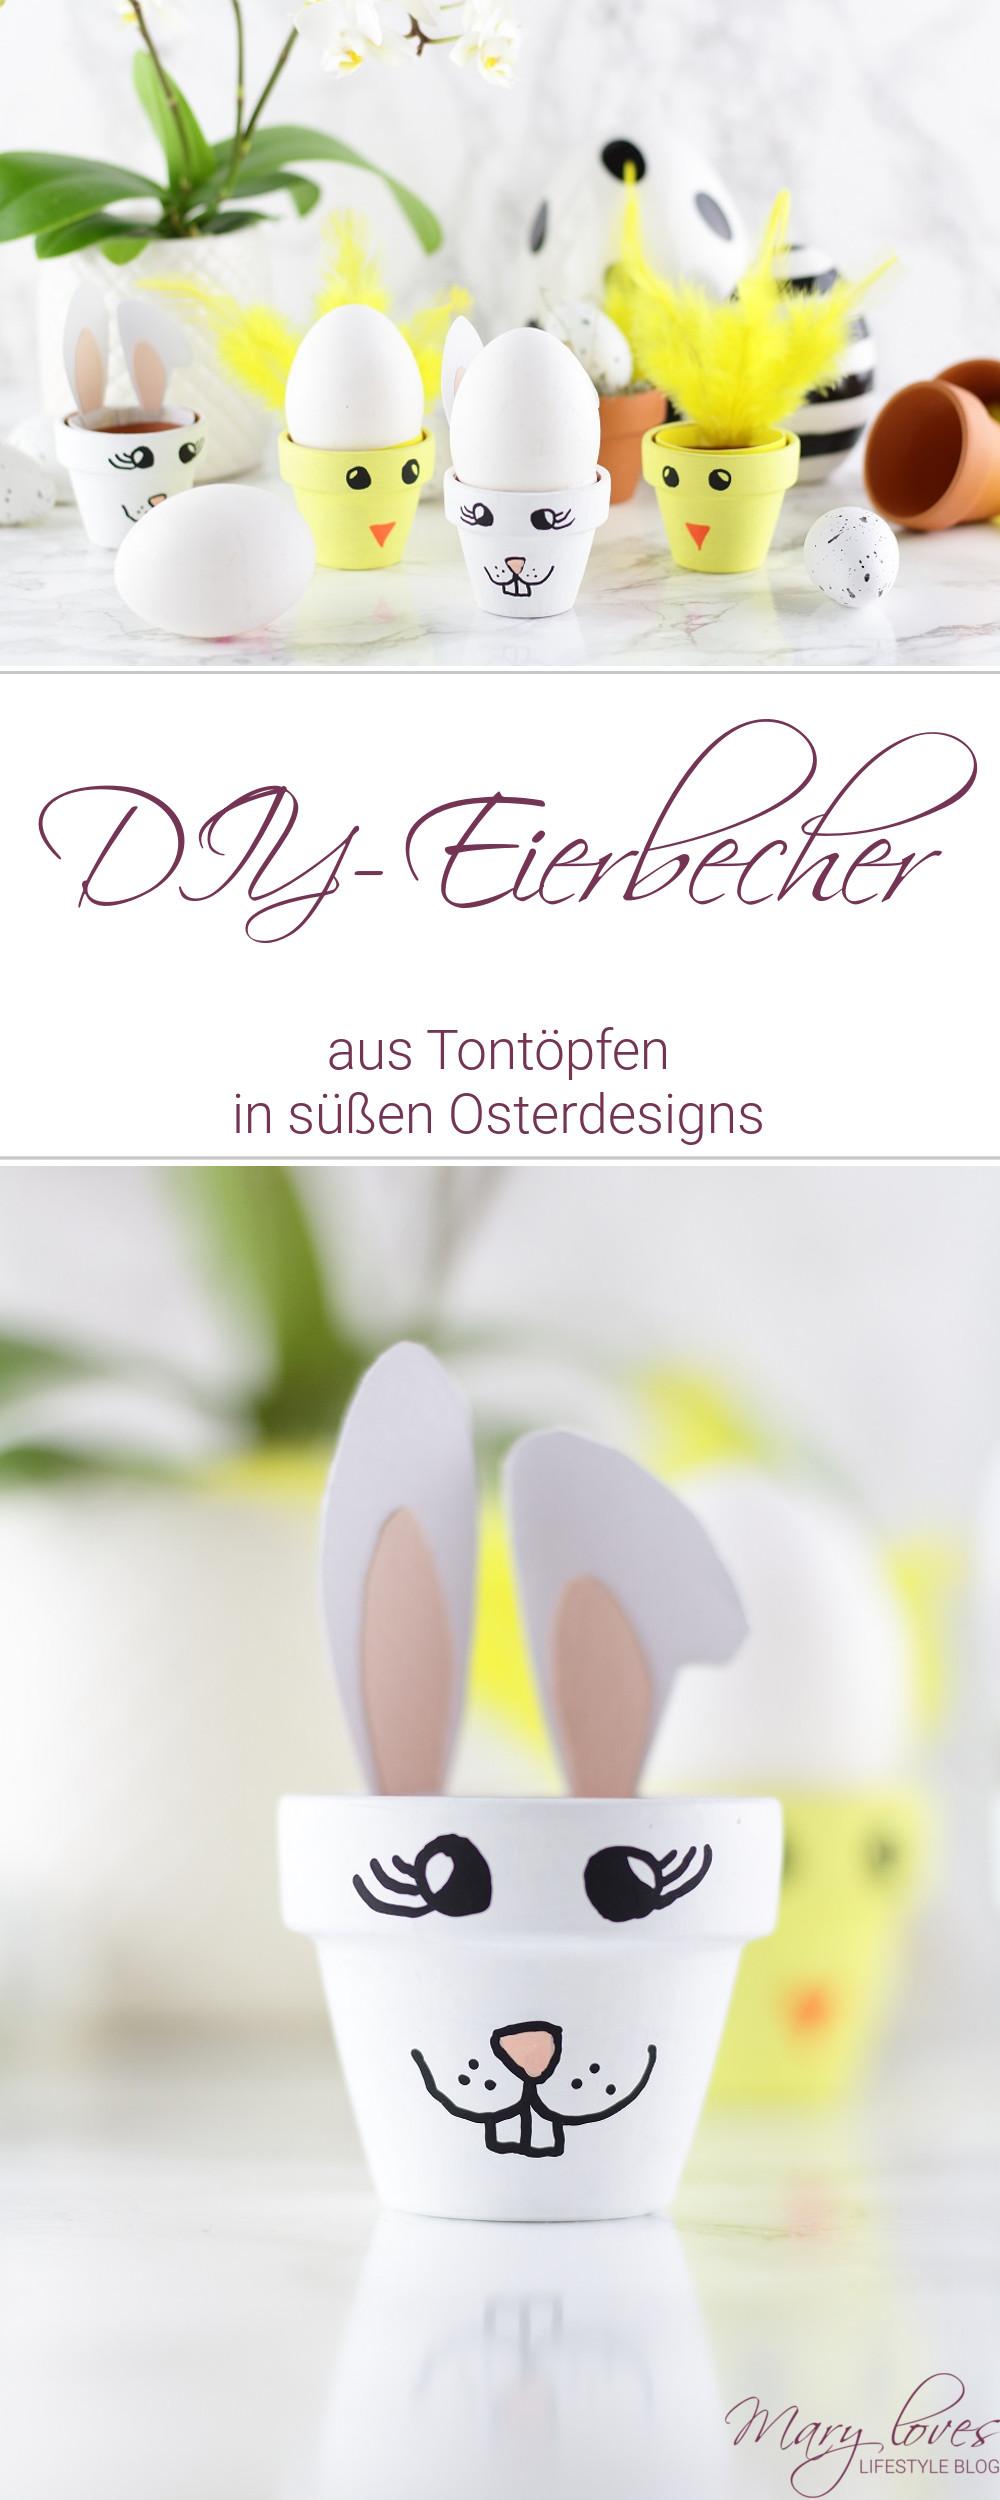 [Anzeige] DIY-Eierbecher aus Tontöpfen in süßen Osterdesigns - #DIY #Ostern #ostereierbecher #diyeierbecher #diyostereierbecher #bastelnmittontöpfen #osterbastelei #osterdiy #bastelnmitkindern #pilotpintor